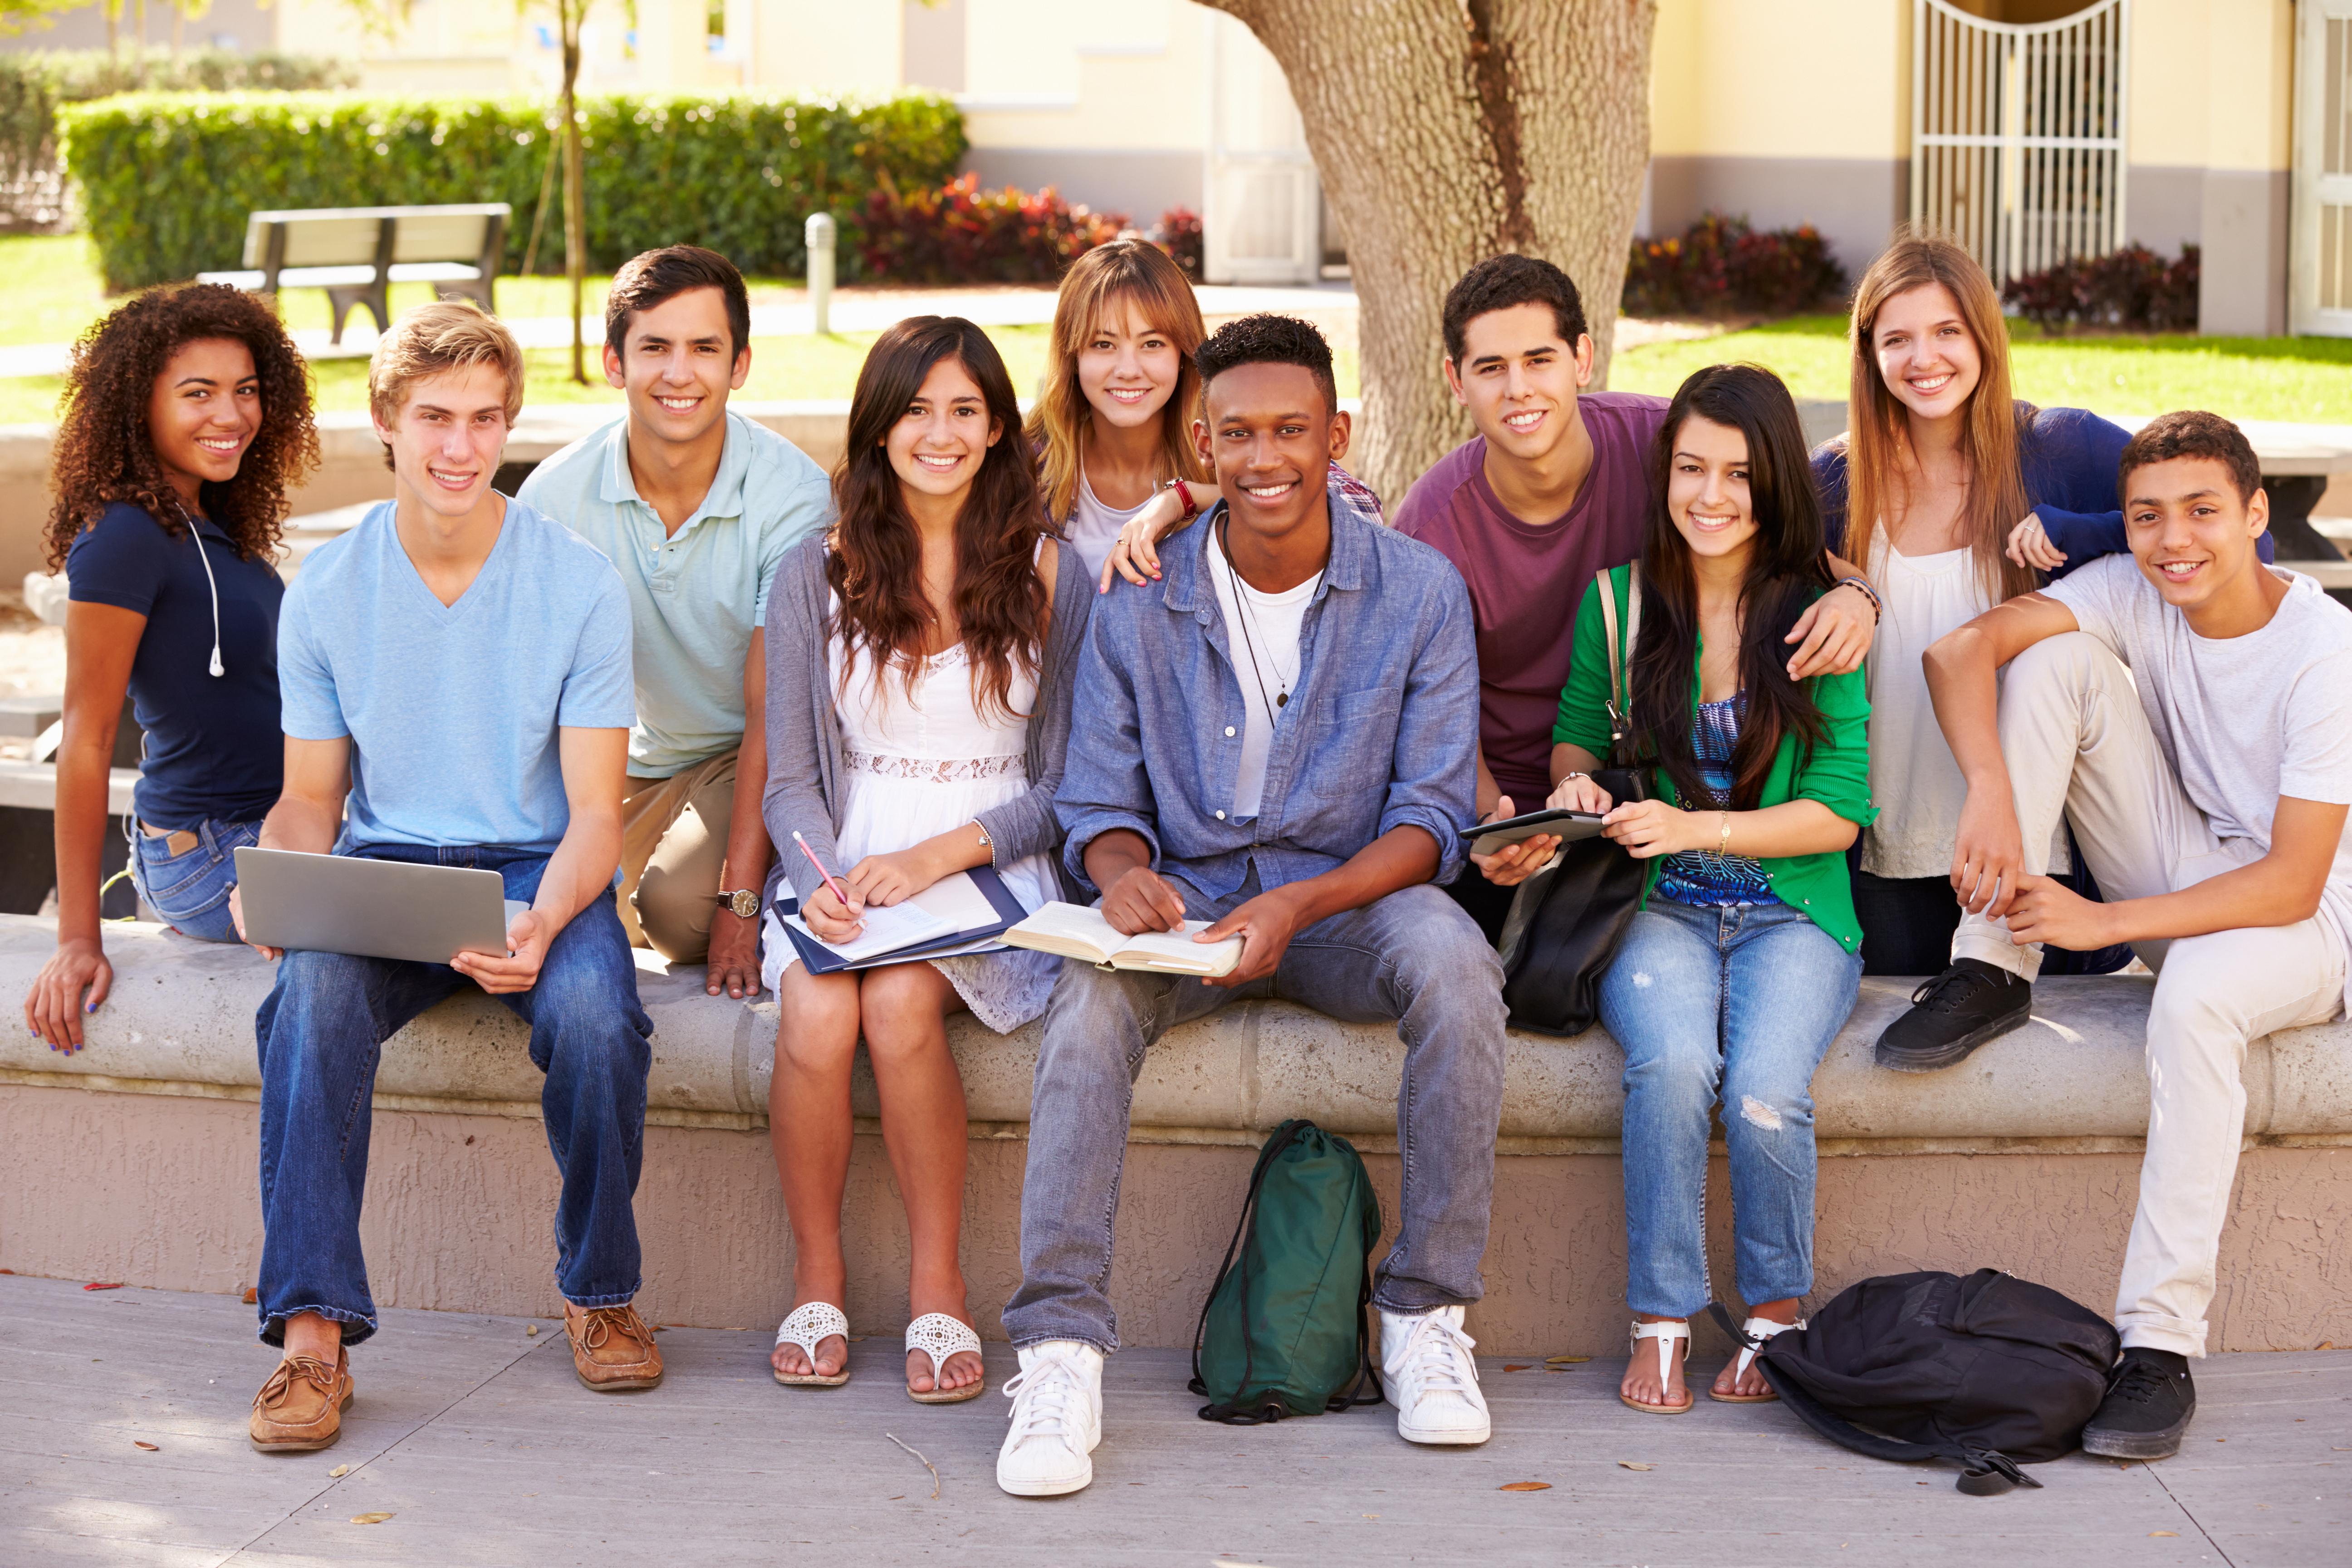 Студенты в Португалии, ВНЖ которой можно получить по учебе